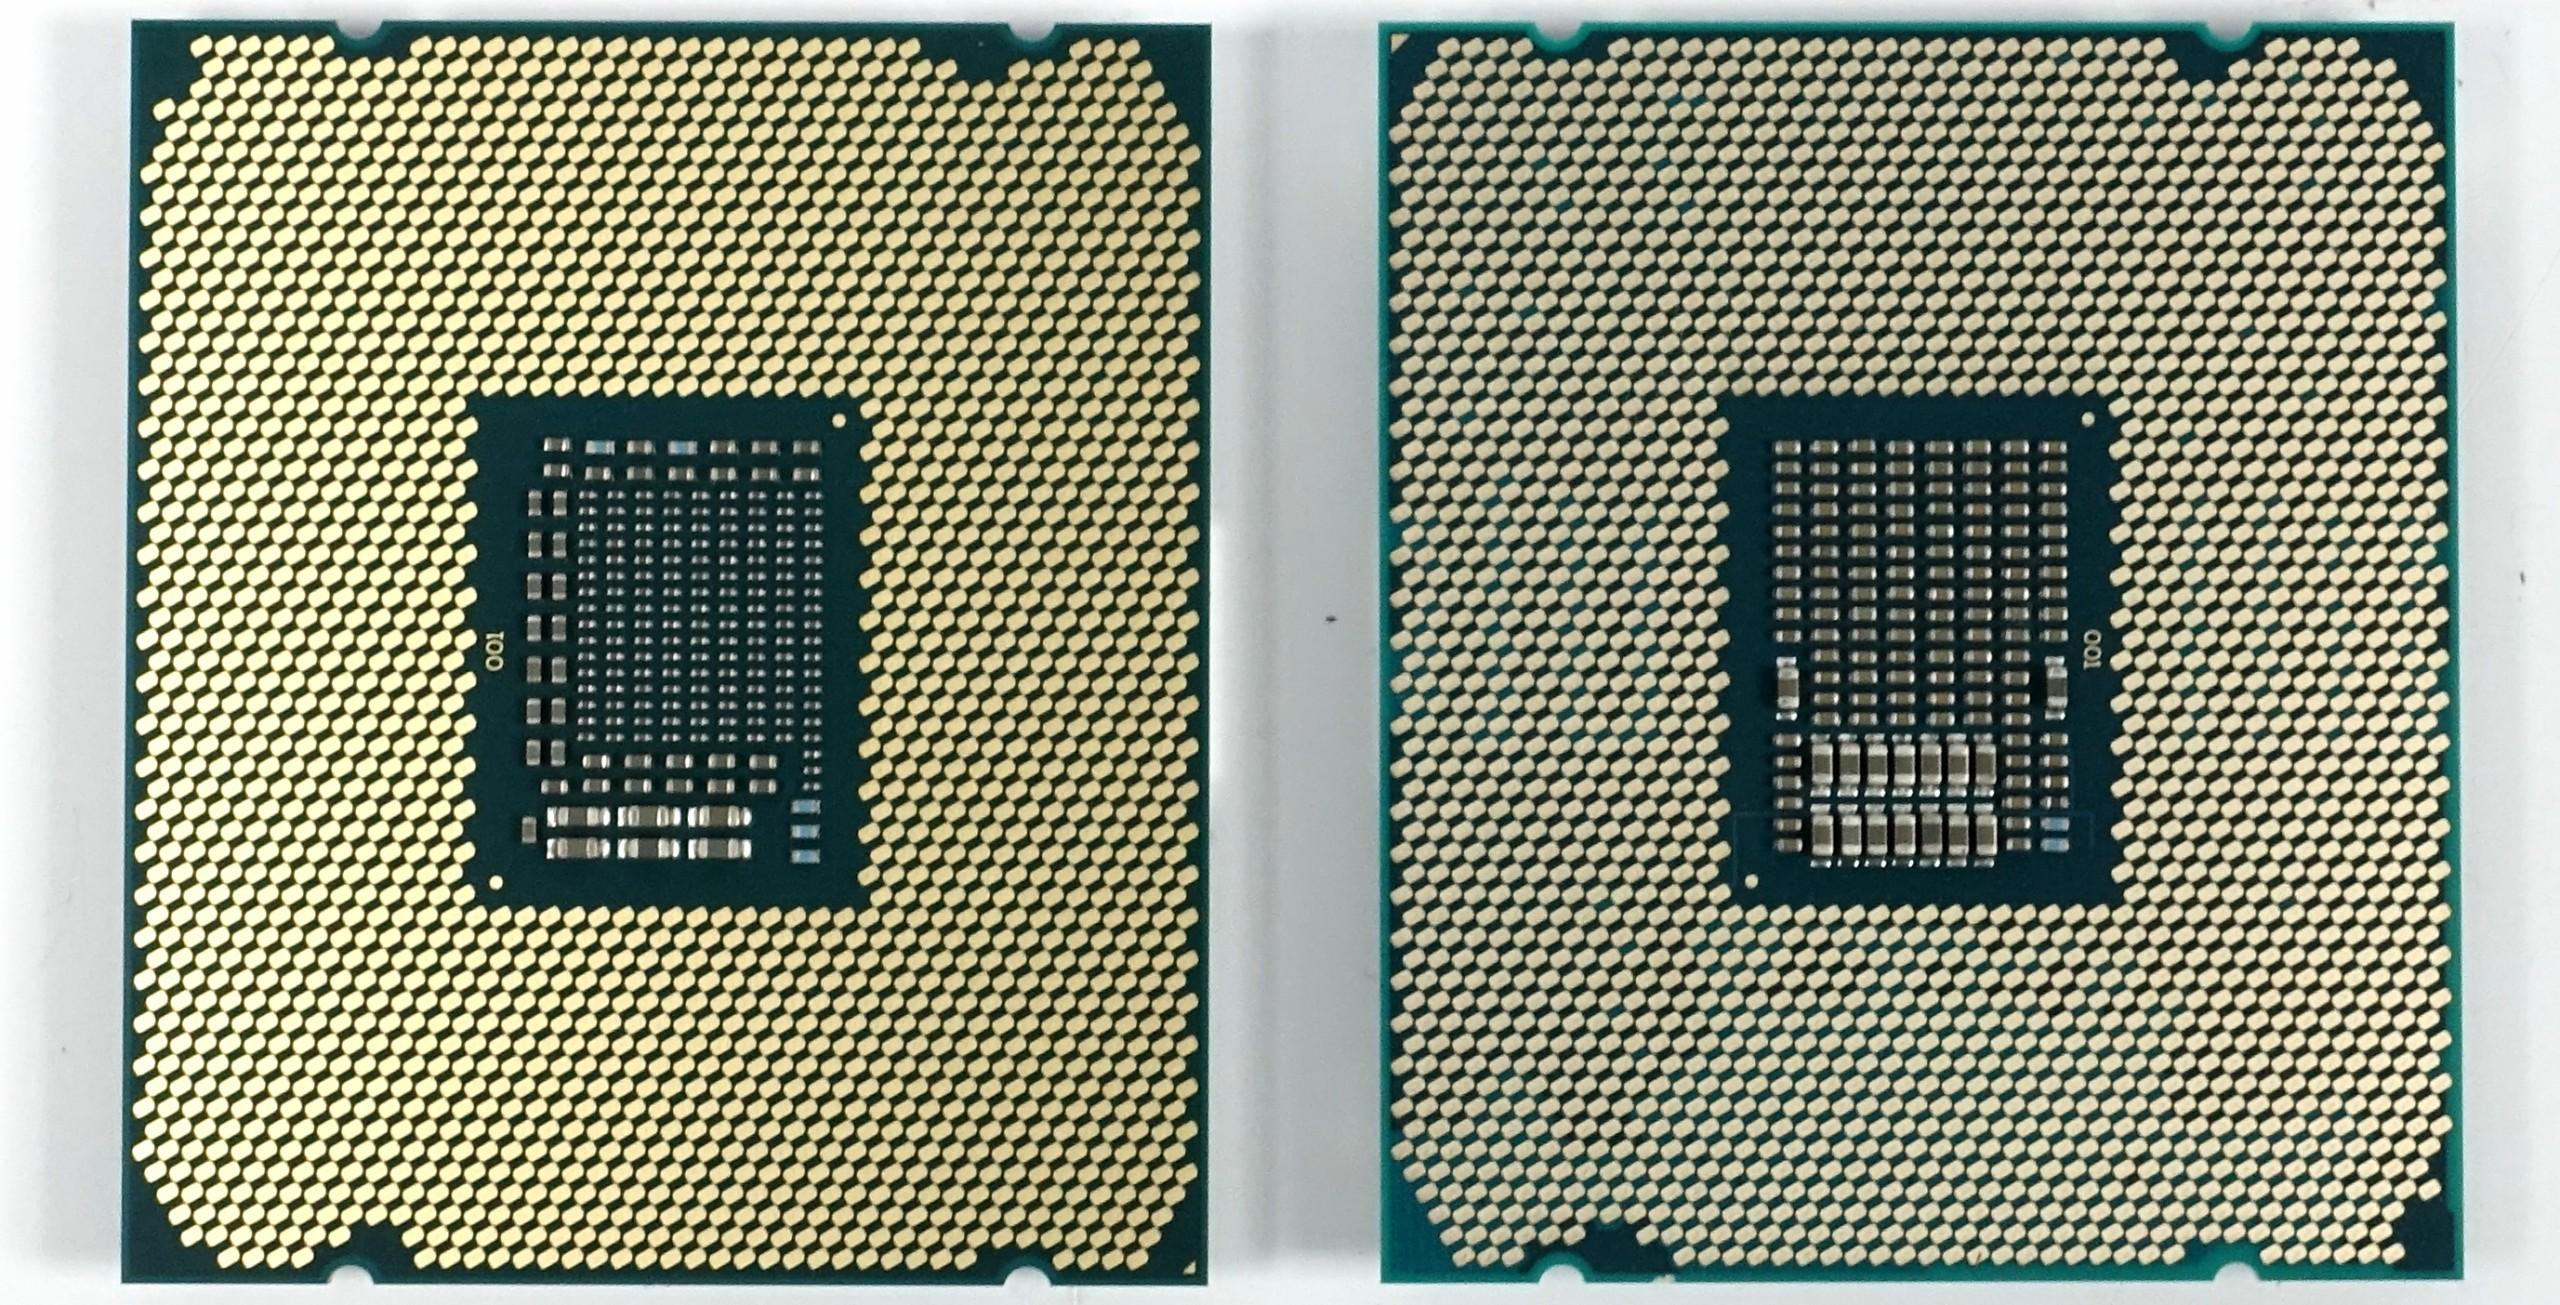 Sockelunterschiede: Kaby Lake-X (links) und Skylake-X (rechts)